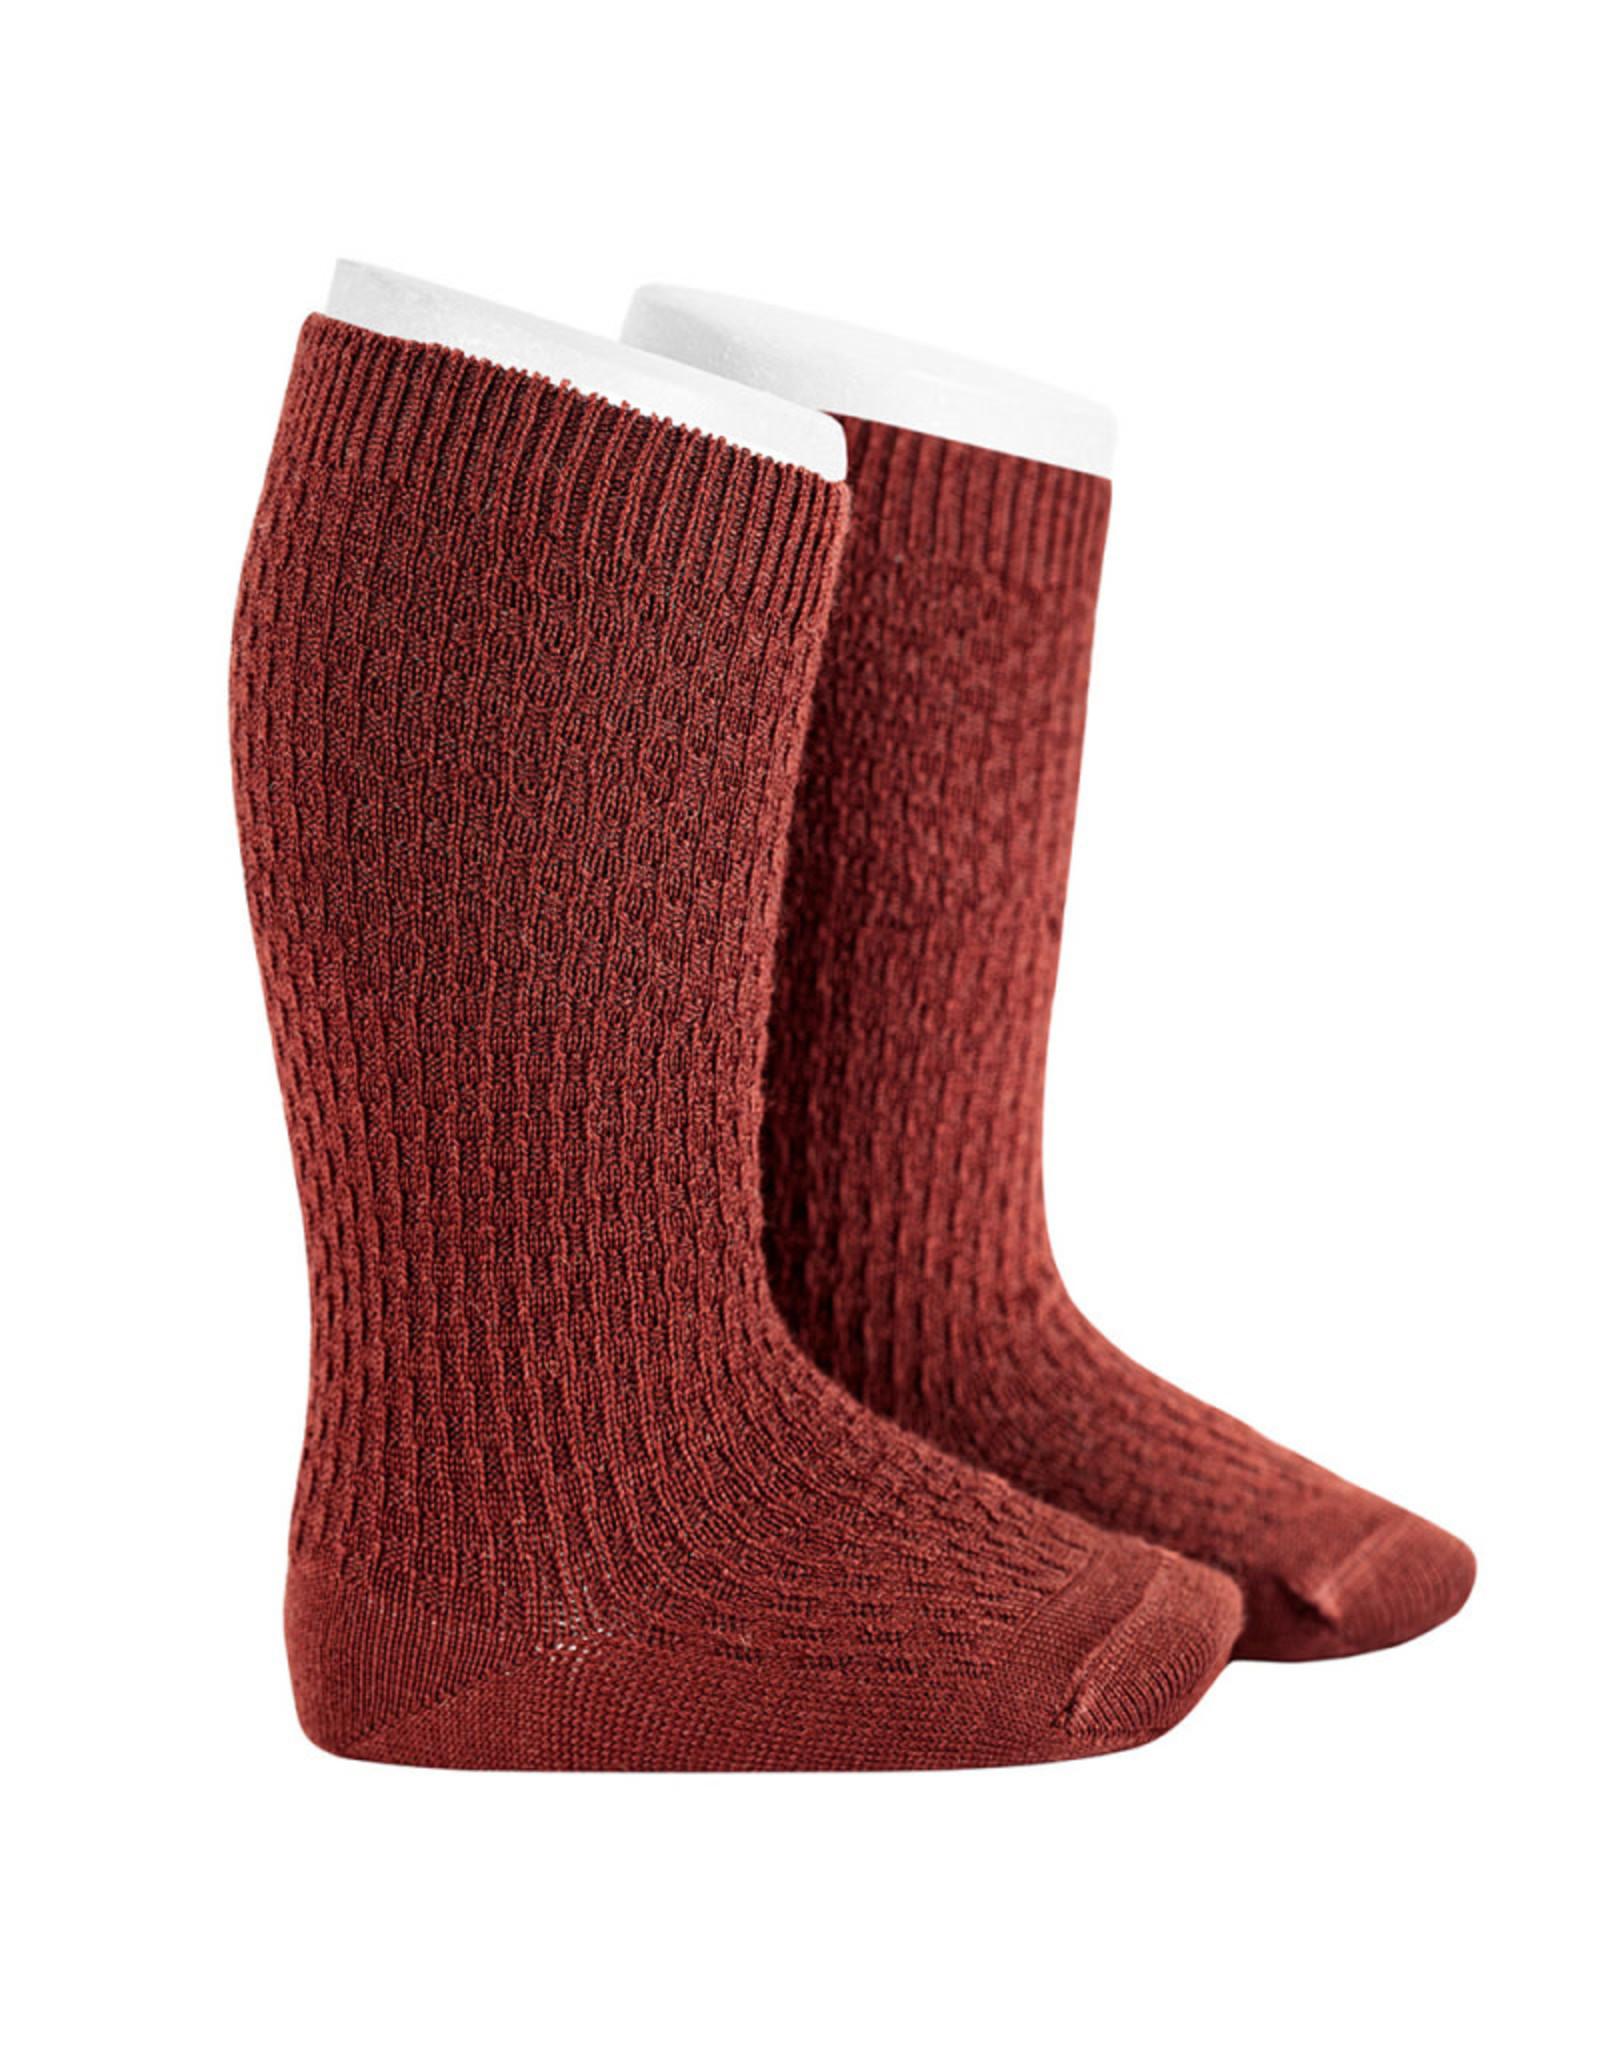 CONDOR Granet Wool Patterned Knee Socks